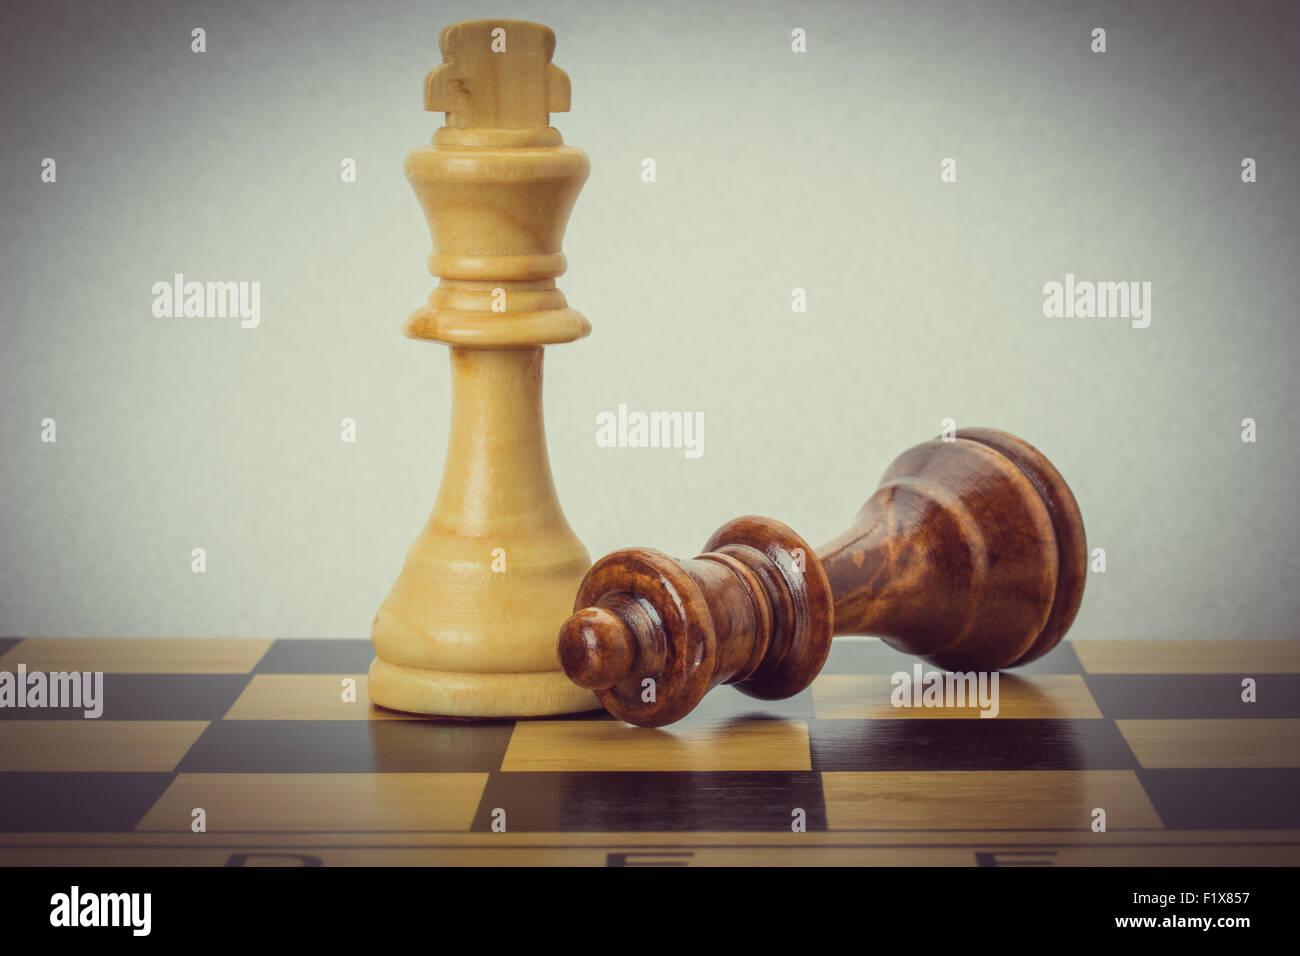 Scacchi in legno sulla scacchiera. Immagini Stock